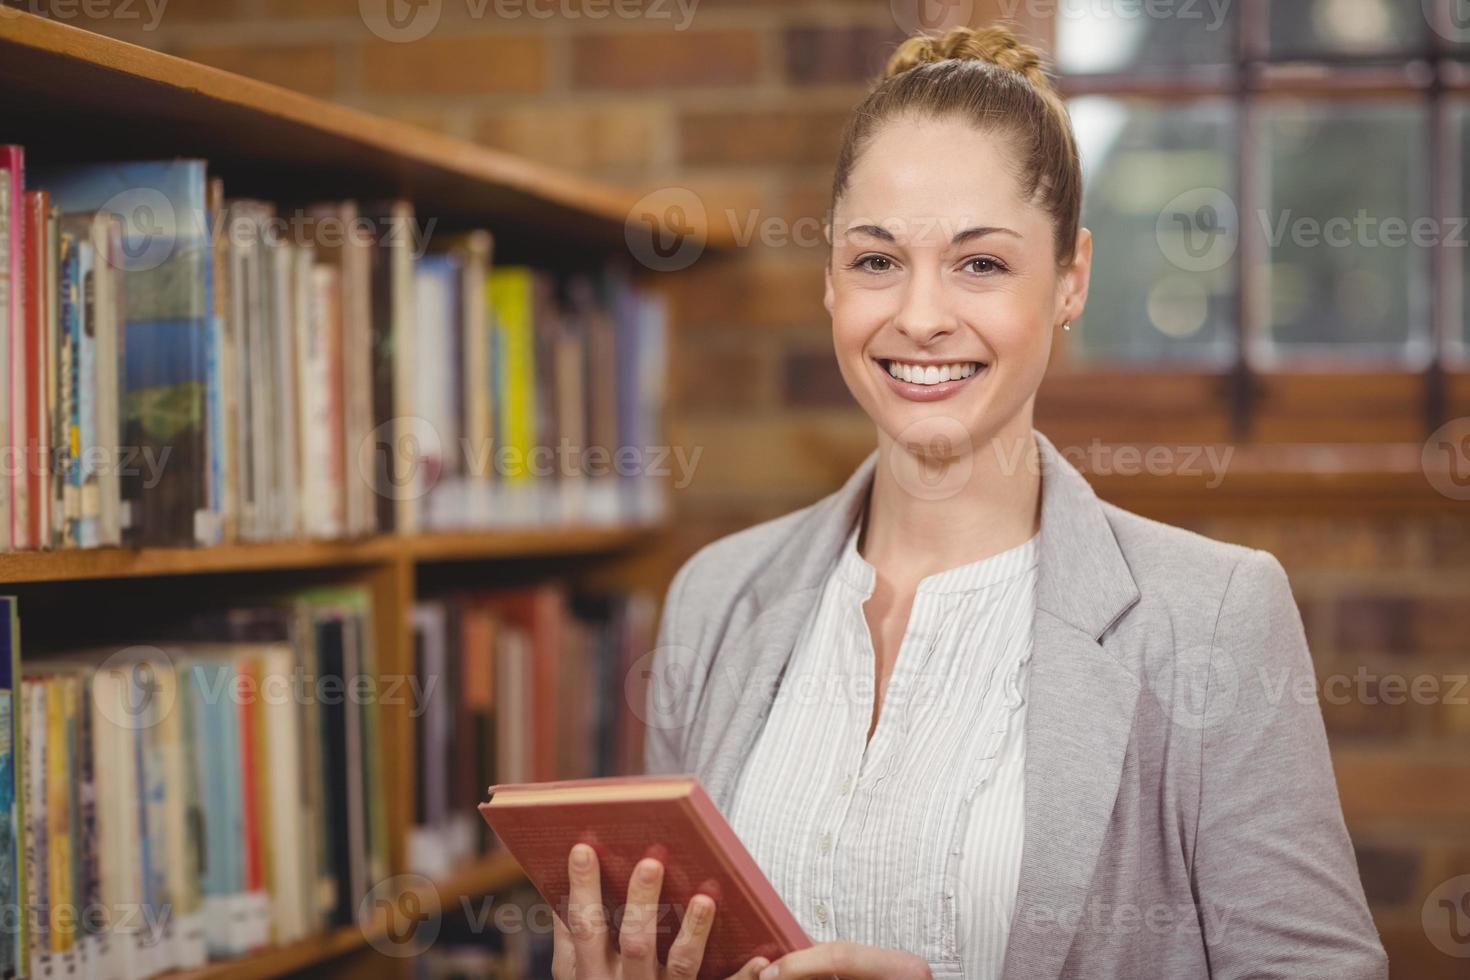 professeur blonde tenant un livre dans la bibliothèque photo